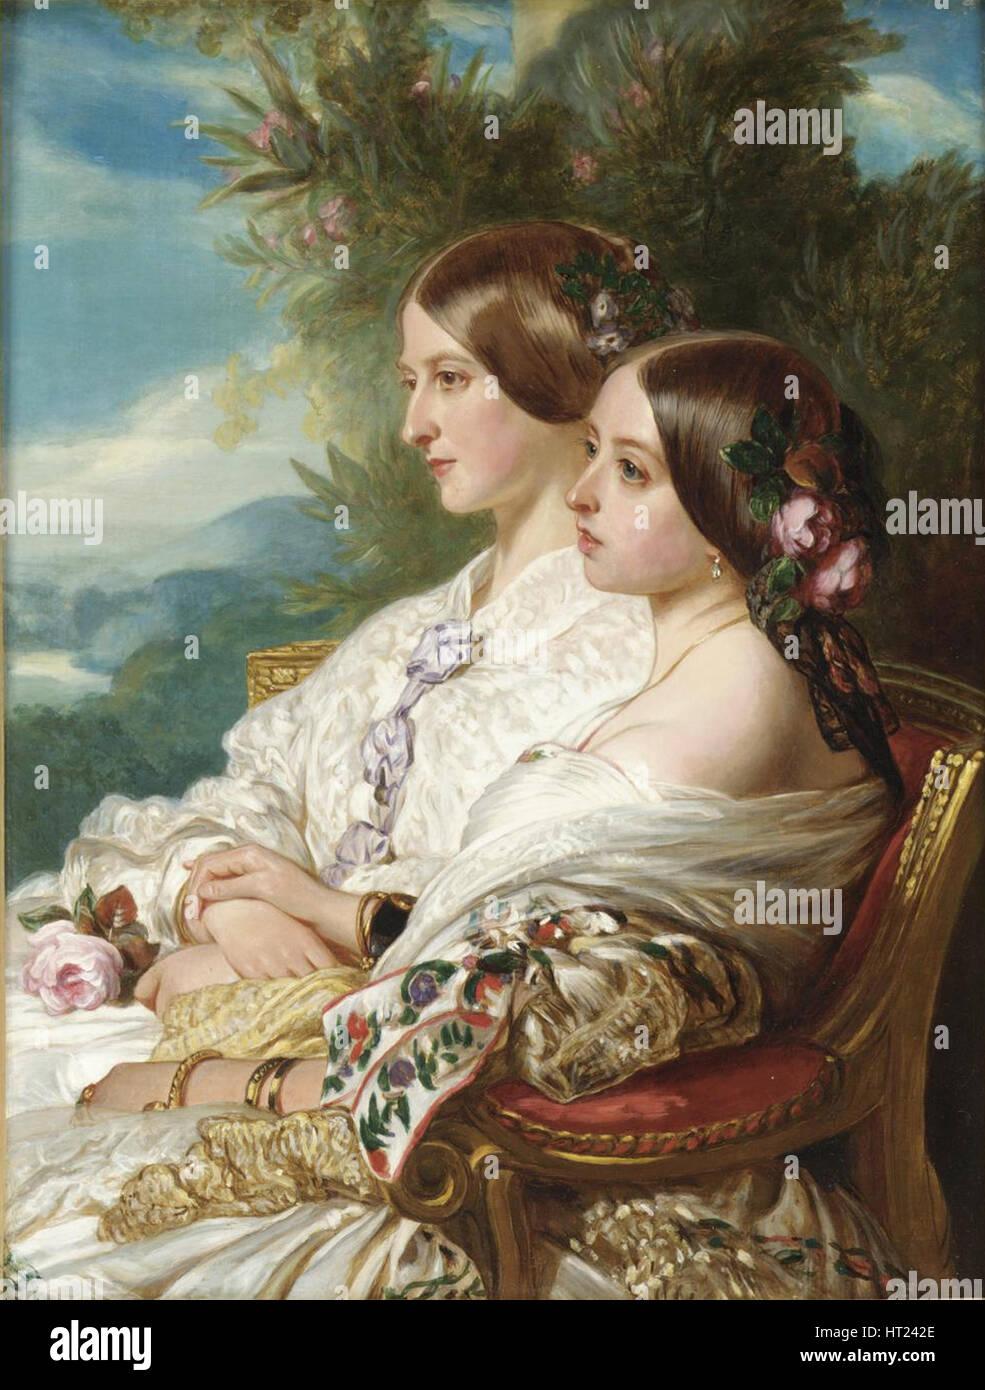 La reina Victoria y su prima, la duquesa de Nemours, 1852. Artista: Winterhalter, Franz Xavier (1805-1873) Imagen De Stock